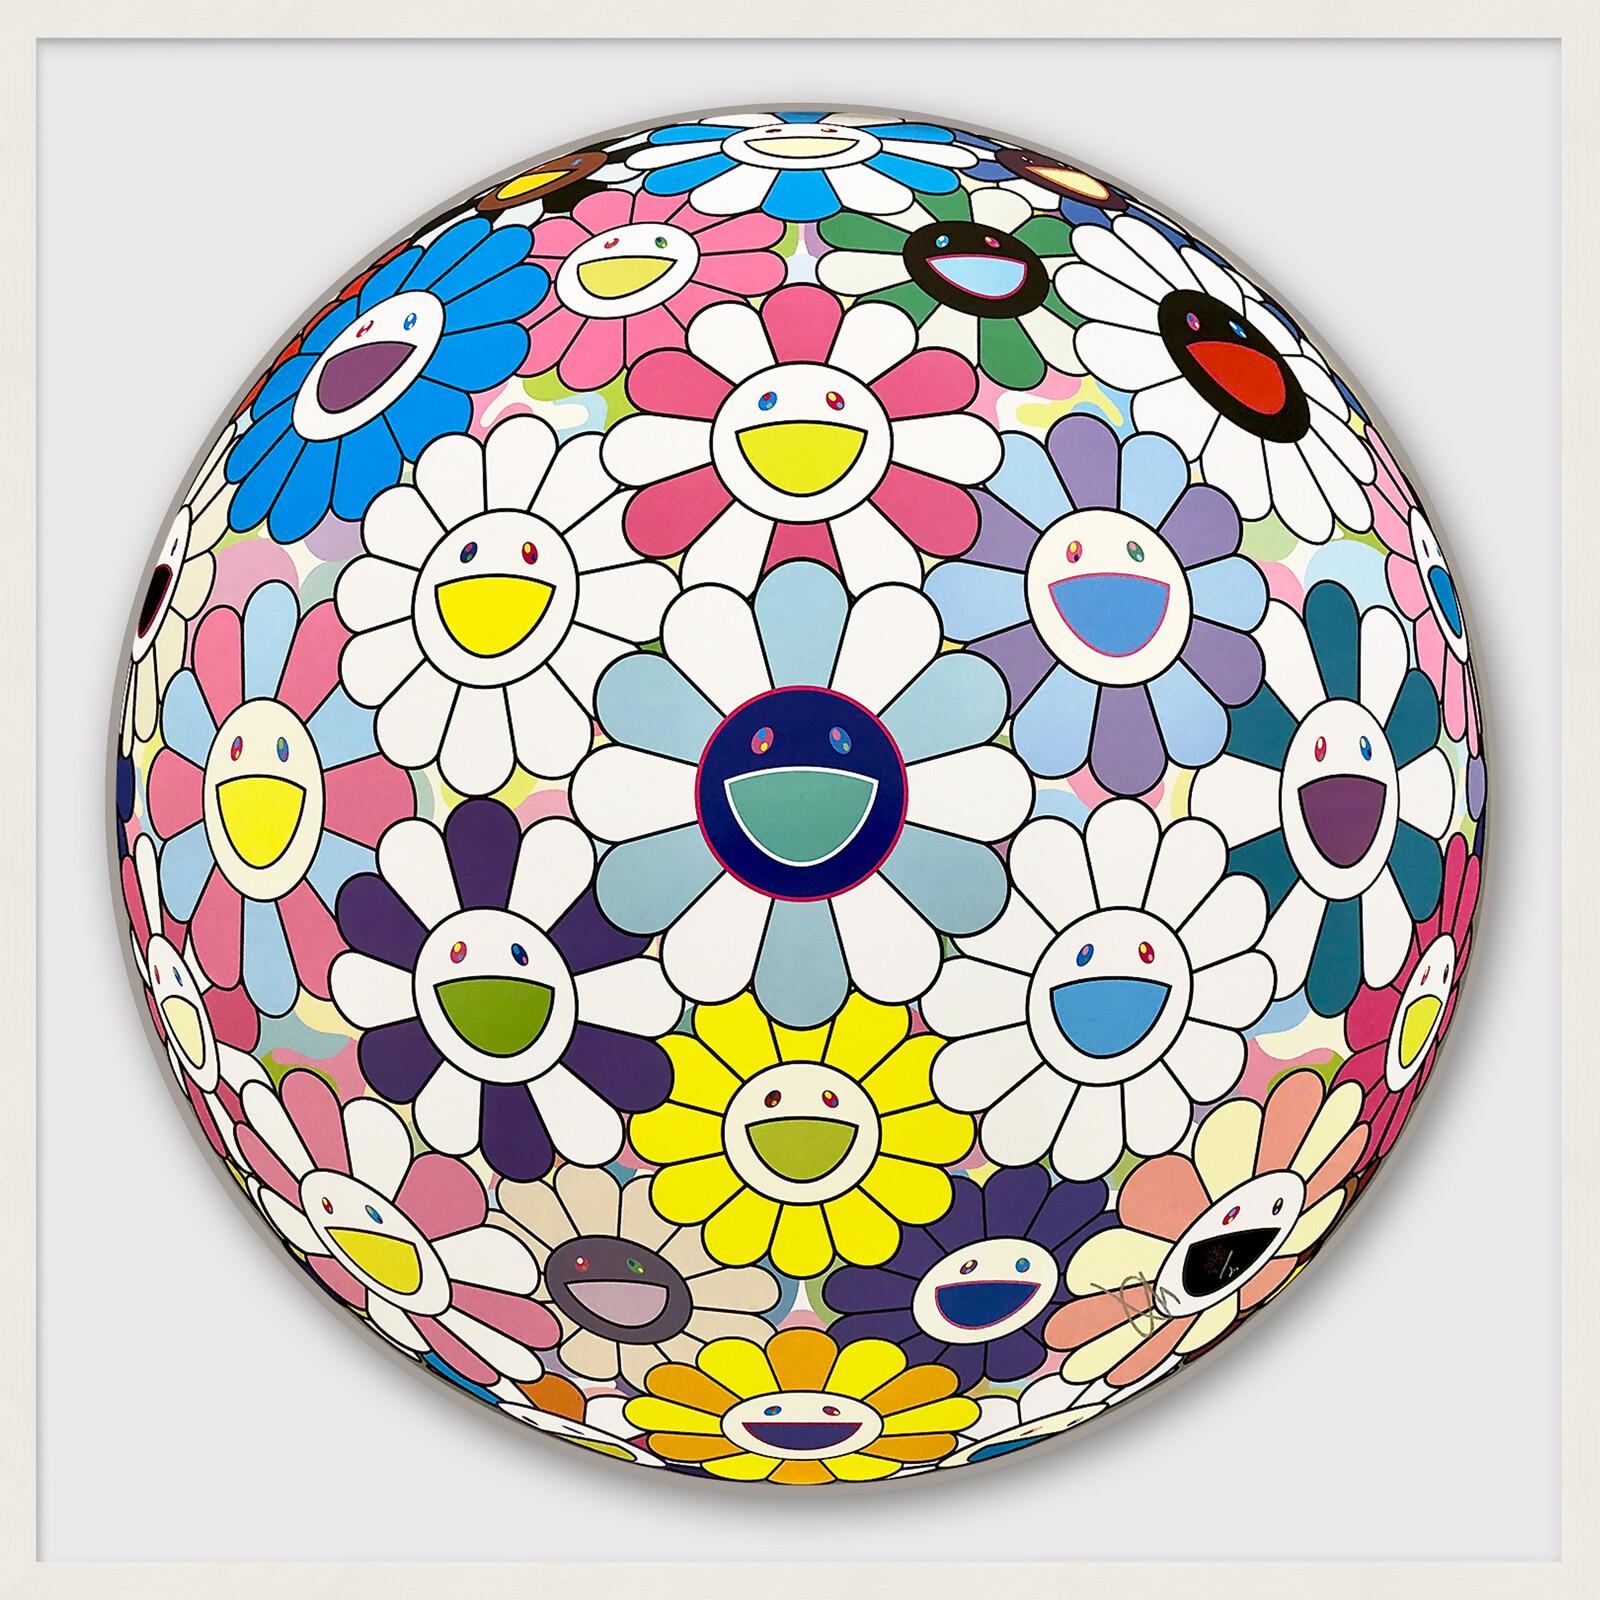 Cosmic Power - Takashi Murakami